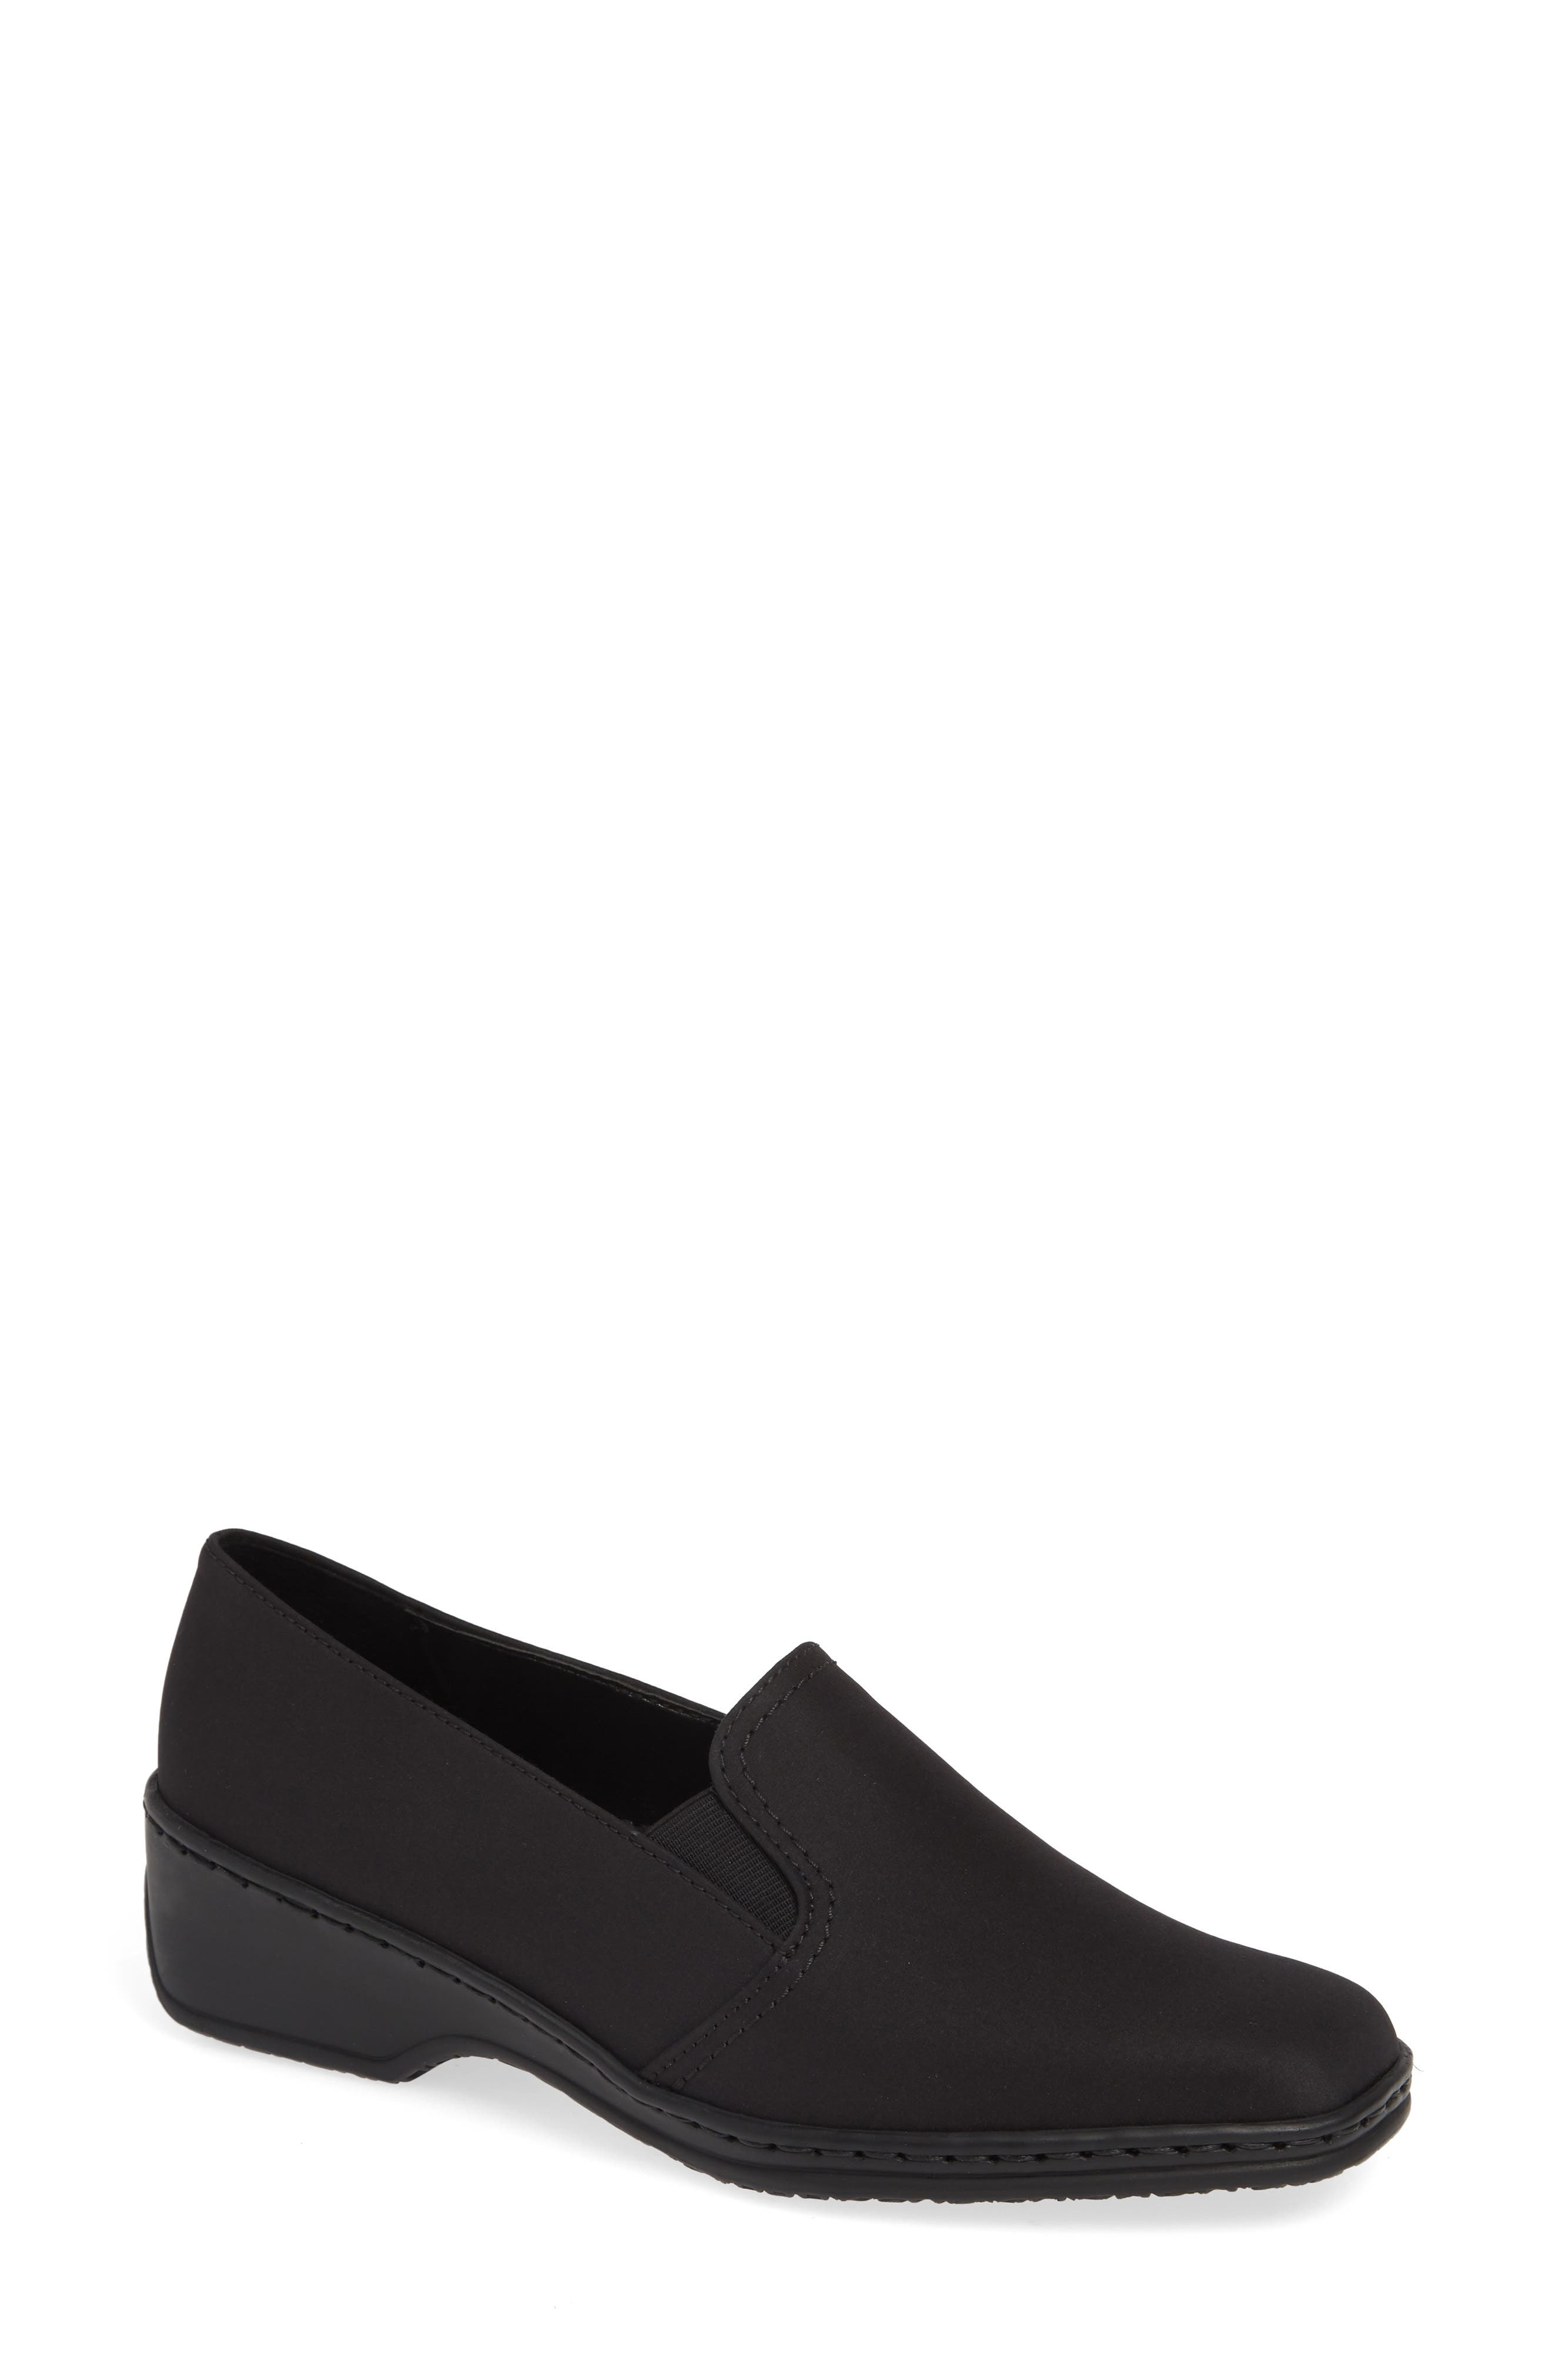 Ara Rabina Wedge Loafer, Black